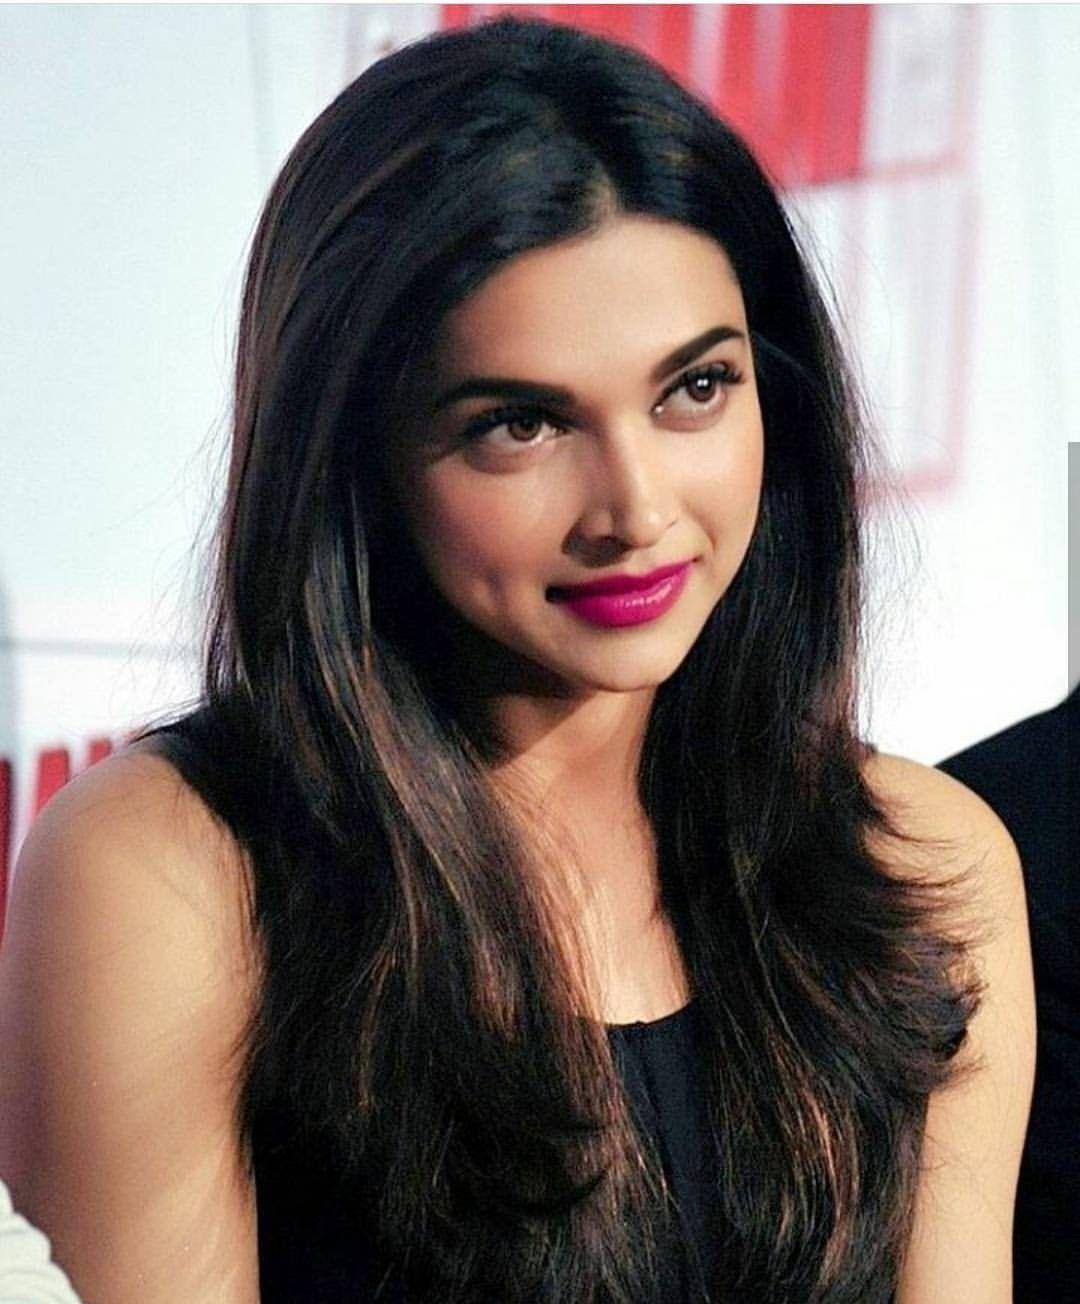 Deepika Padukone | Trendy hairstyles, Brunette celebrities ...